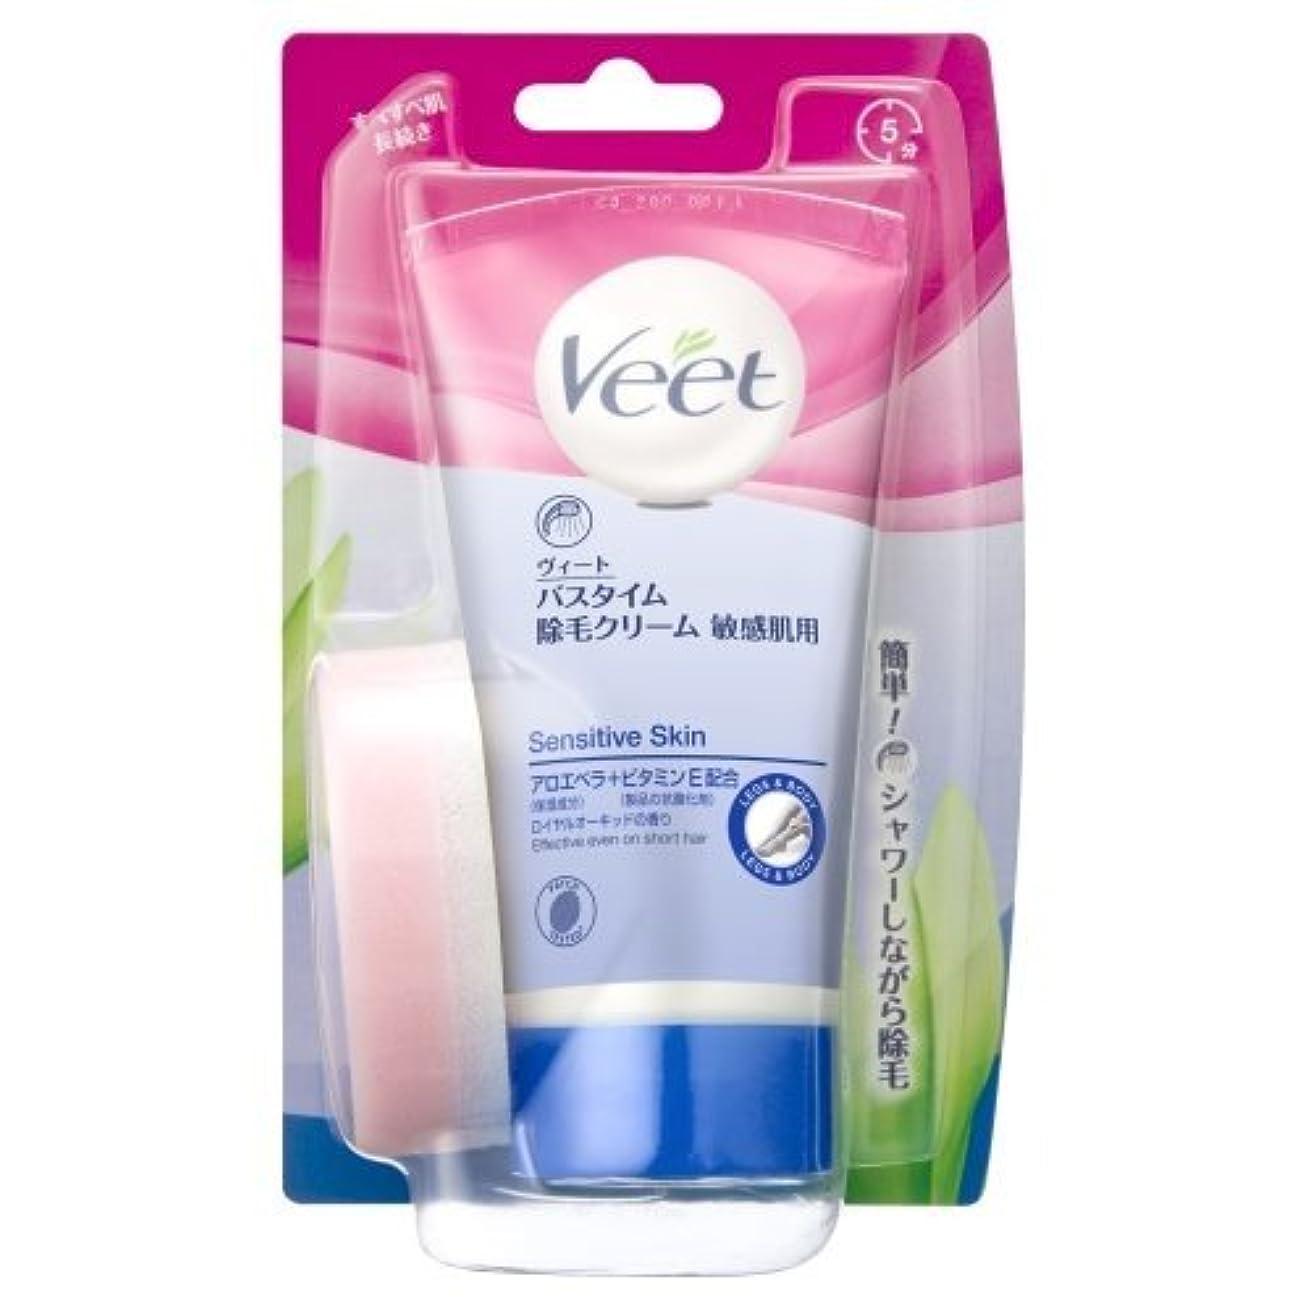 ほうき登録するこのヴィート バスタイム 除毛クリーム 敏感肌用 150g (Veet In Shower Hair Removal Cream Sensitive 150g)